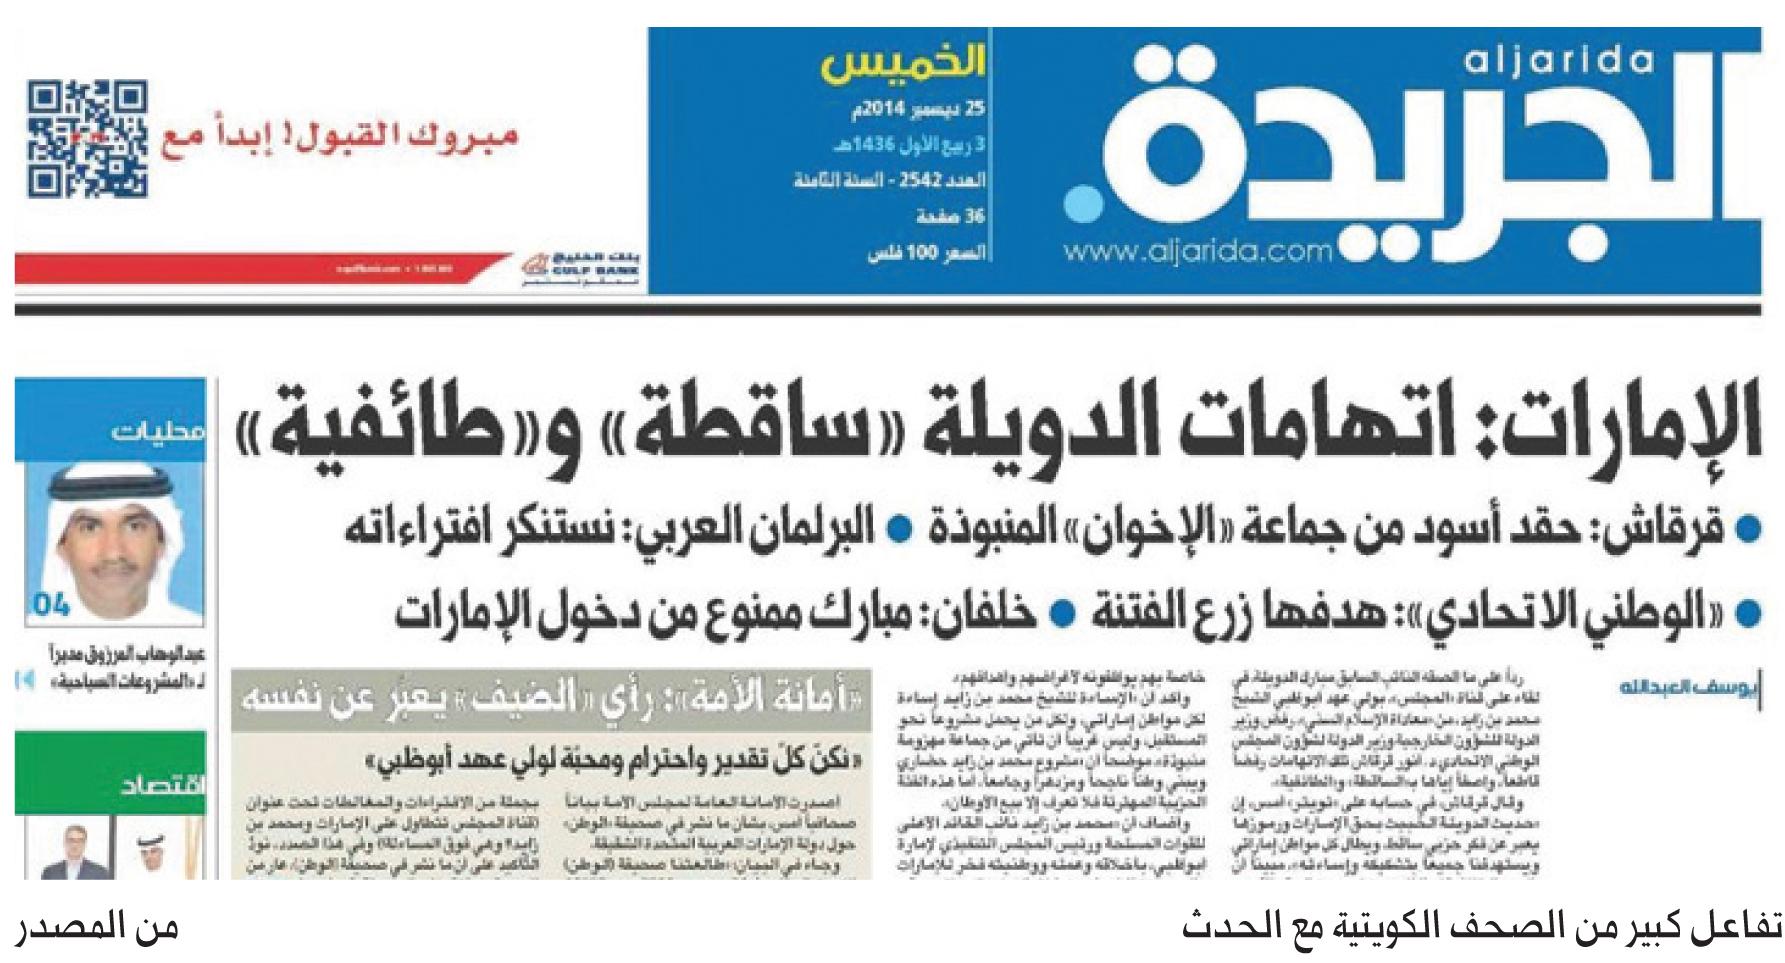 استنكار رسمي وشعبي لتطاول إخواني خبيث على رموز الإمارات الأرشيف